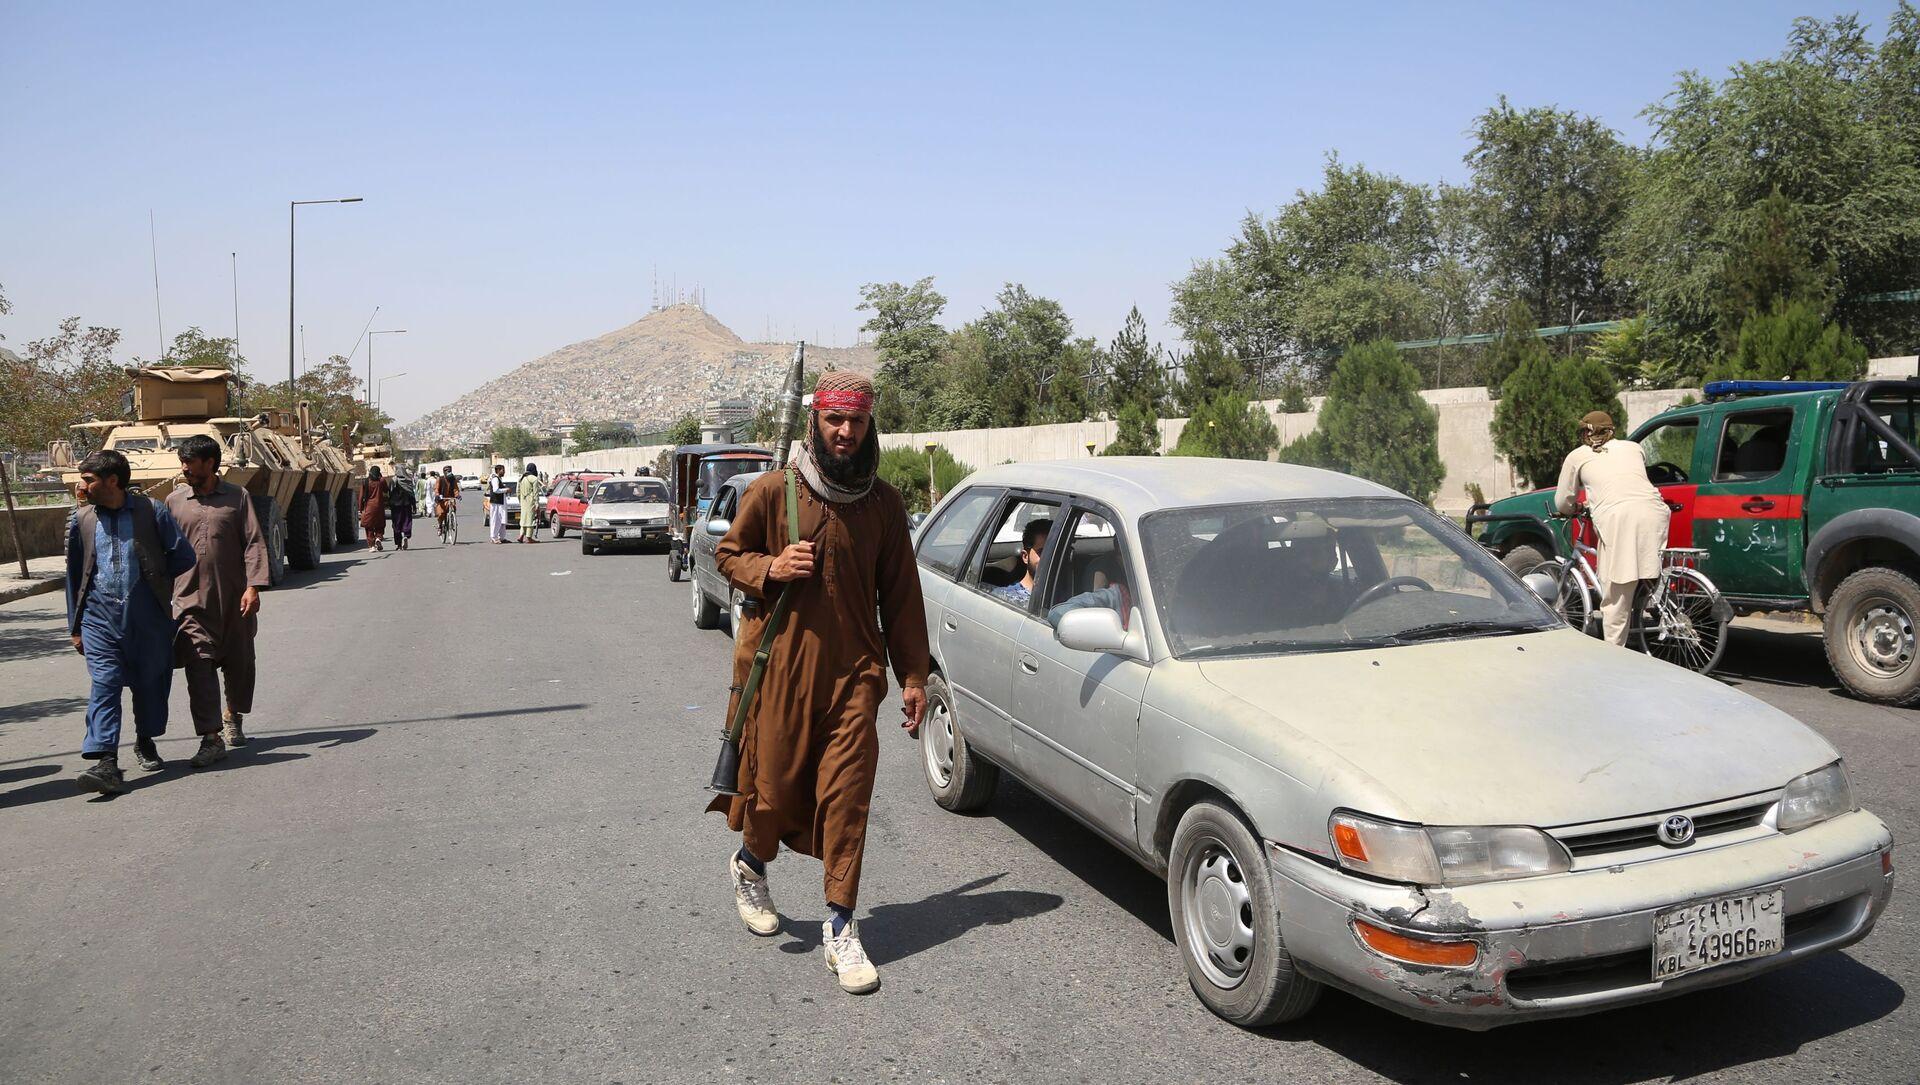 Situation en Afghanistan après le retour des talibans* au pouvoir, août 2021 - Sputnik France, 1920, 26.08.2021